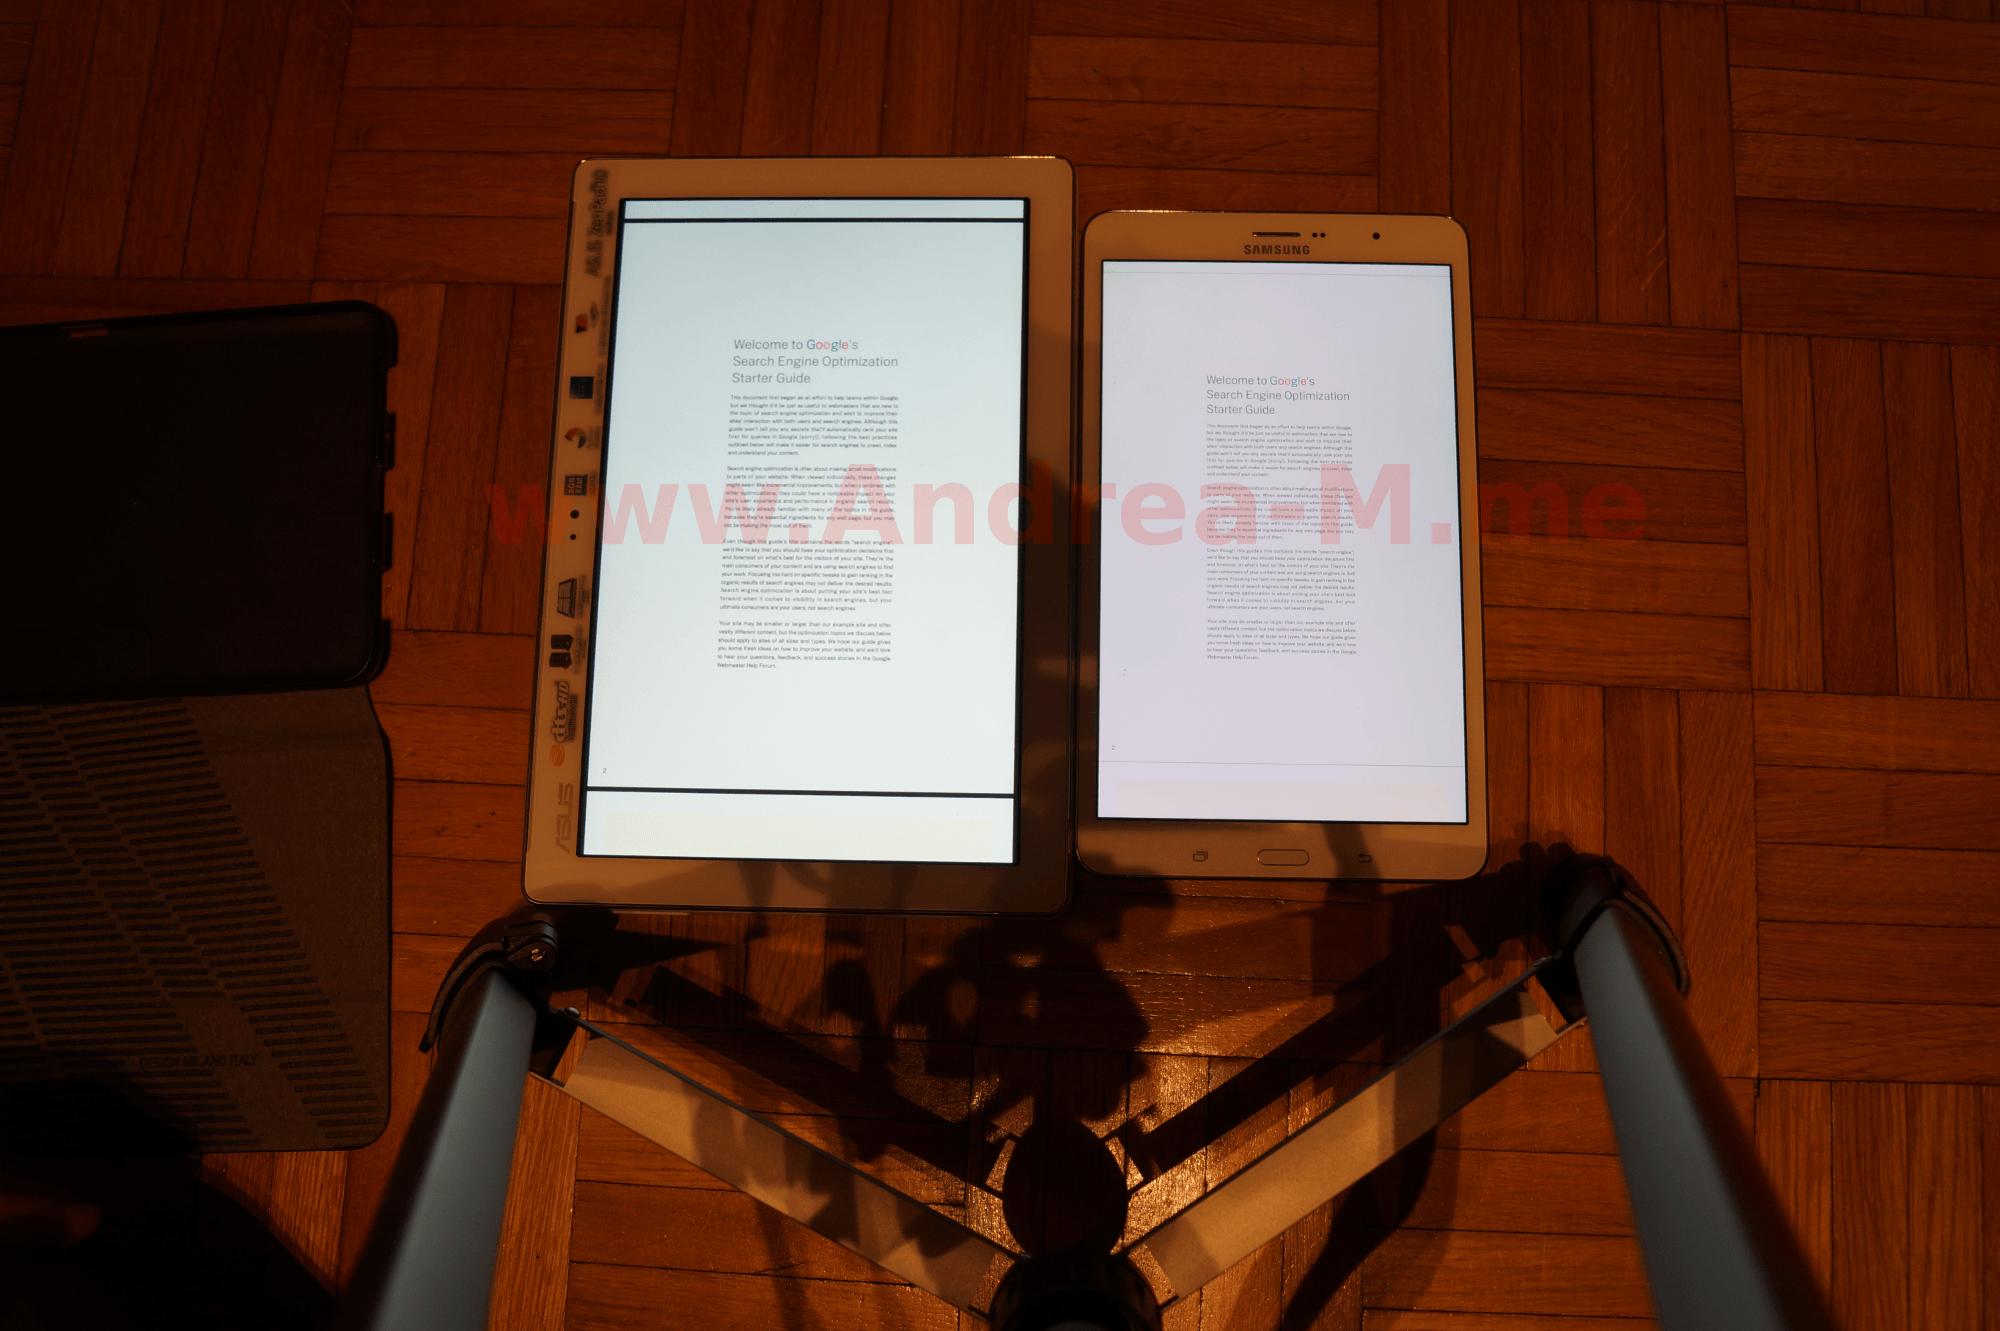 Tablet a Confronto Senza Zoom